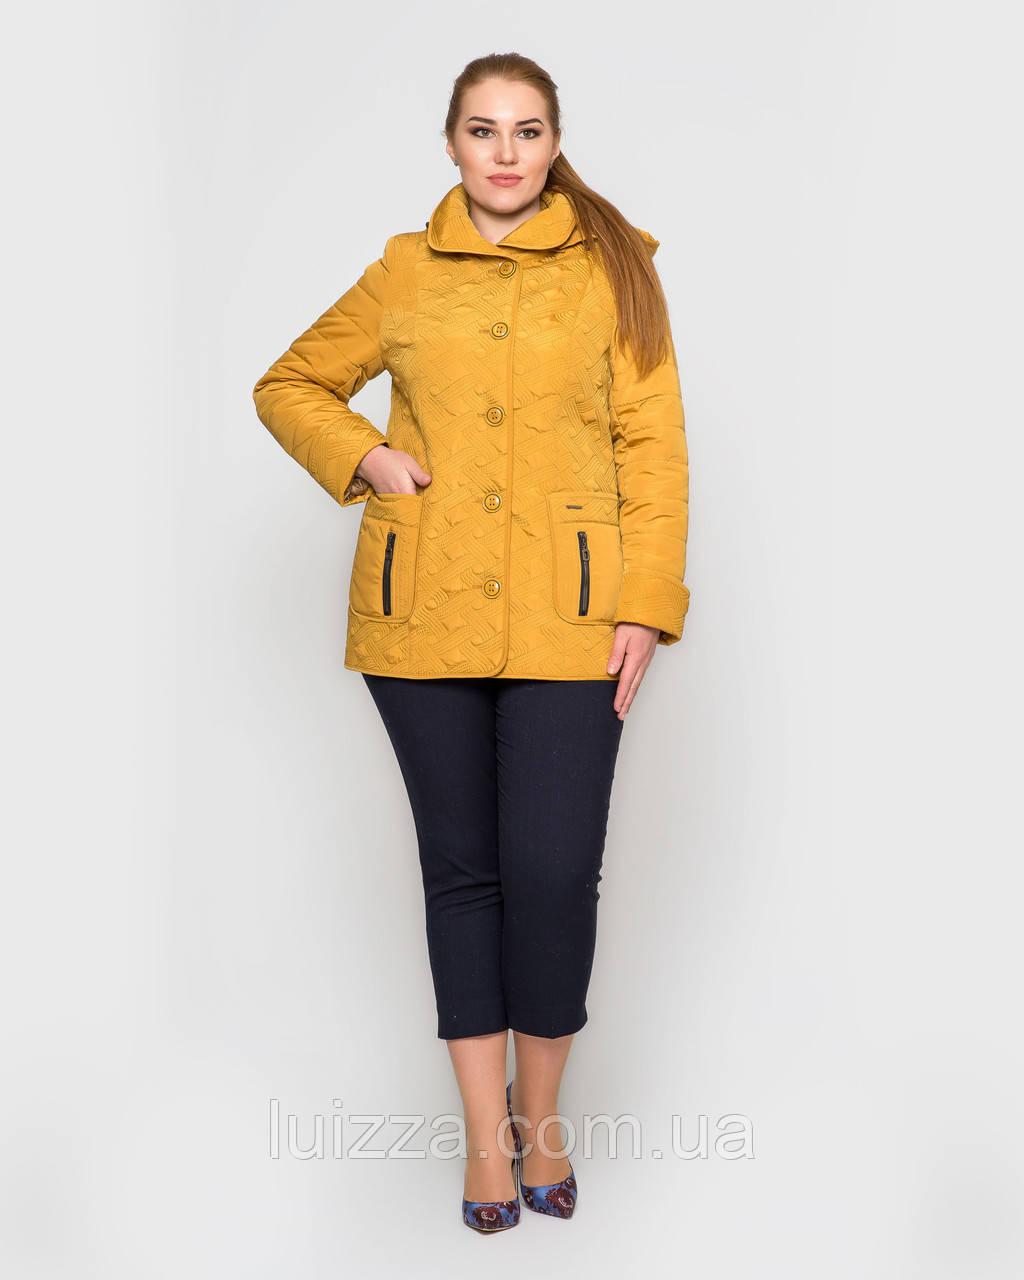 Женская куртка, стеганная узором 50-62рр горчица 60